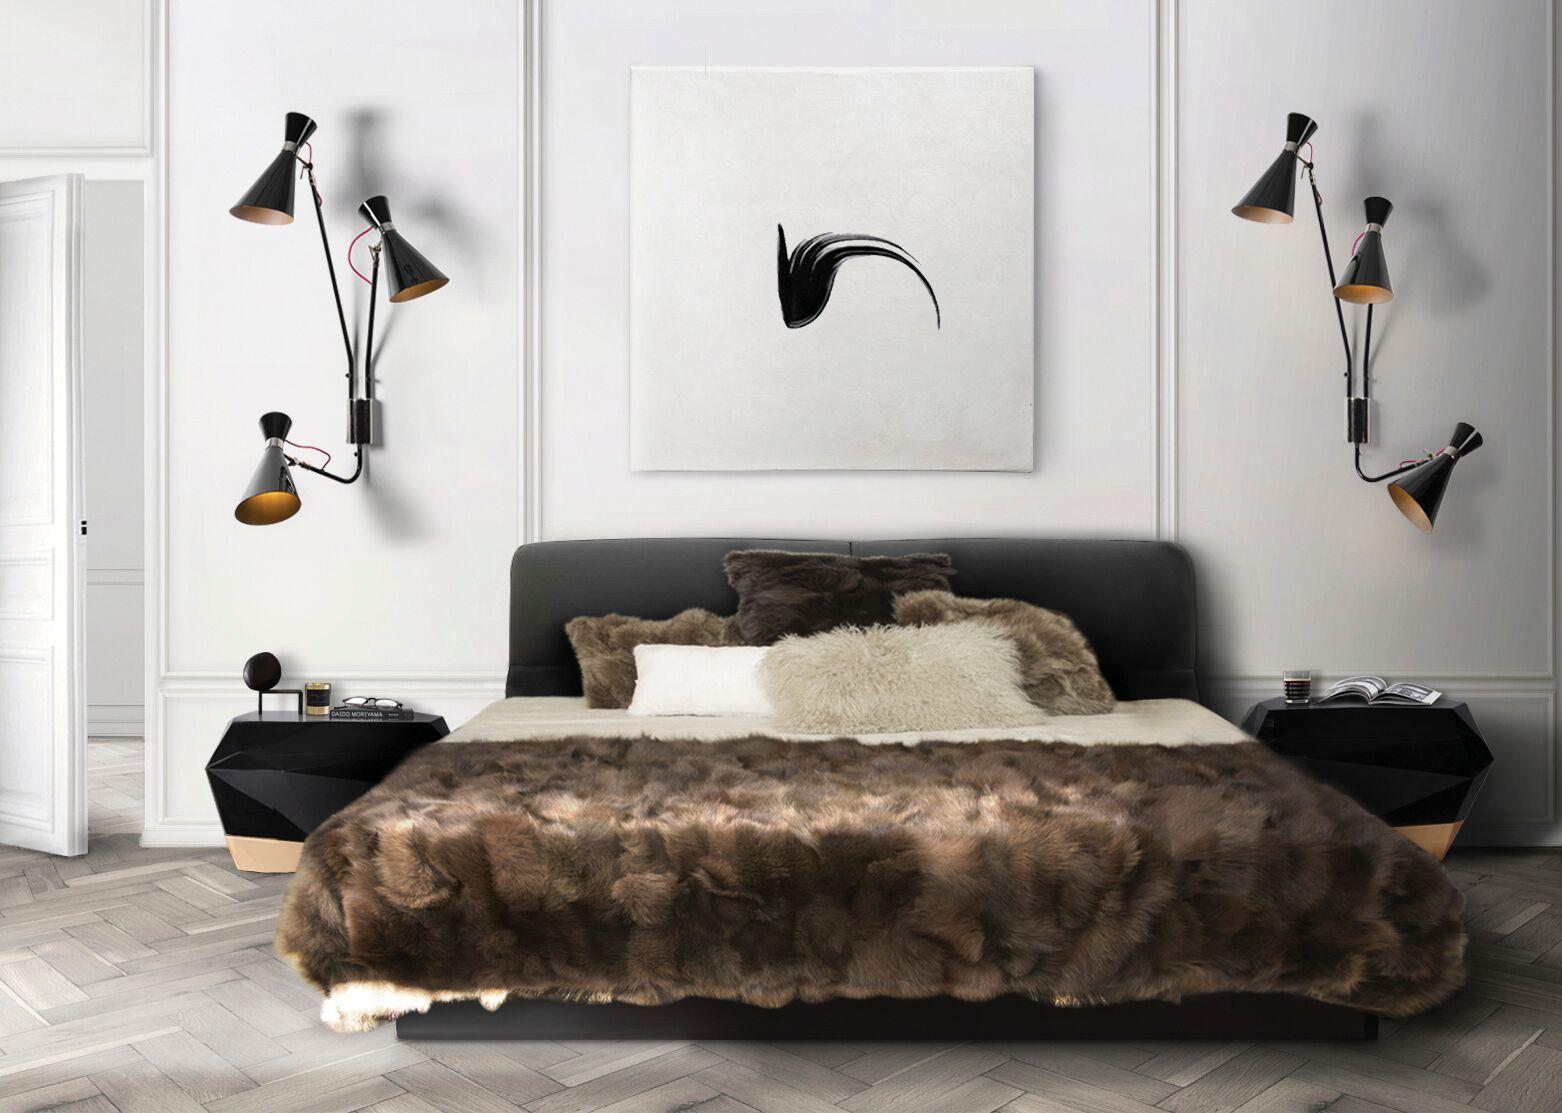 Perfekte Schlafzimmer Design Ideen für Luxus Innenarchitektur ...